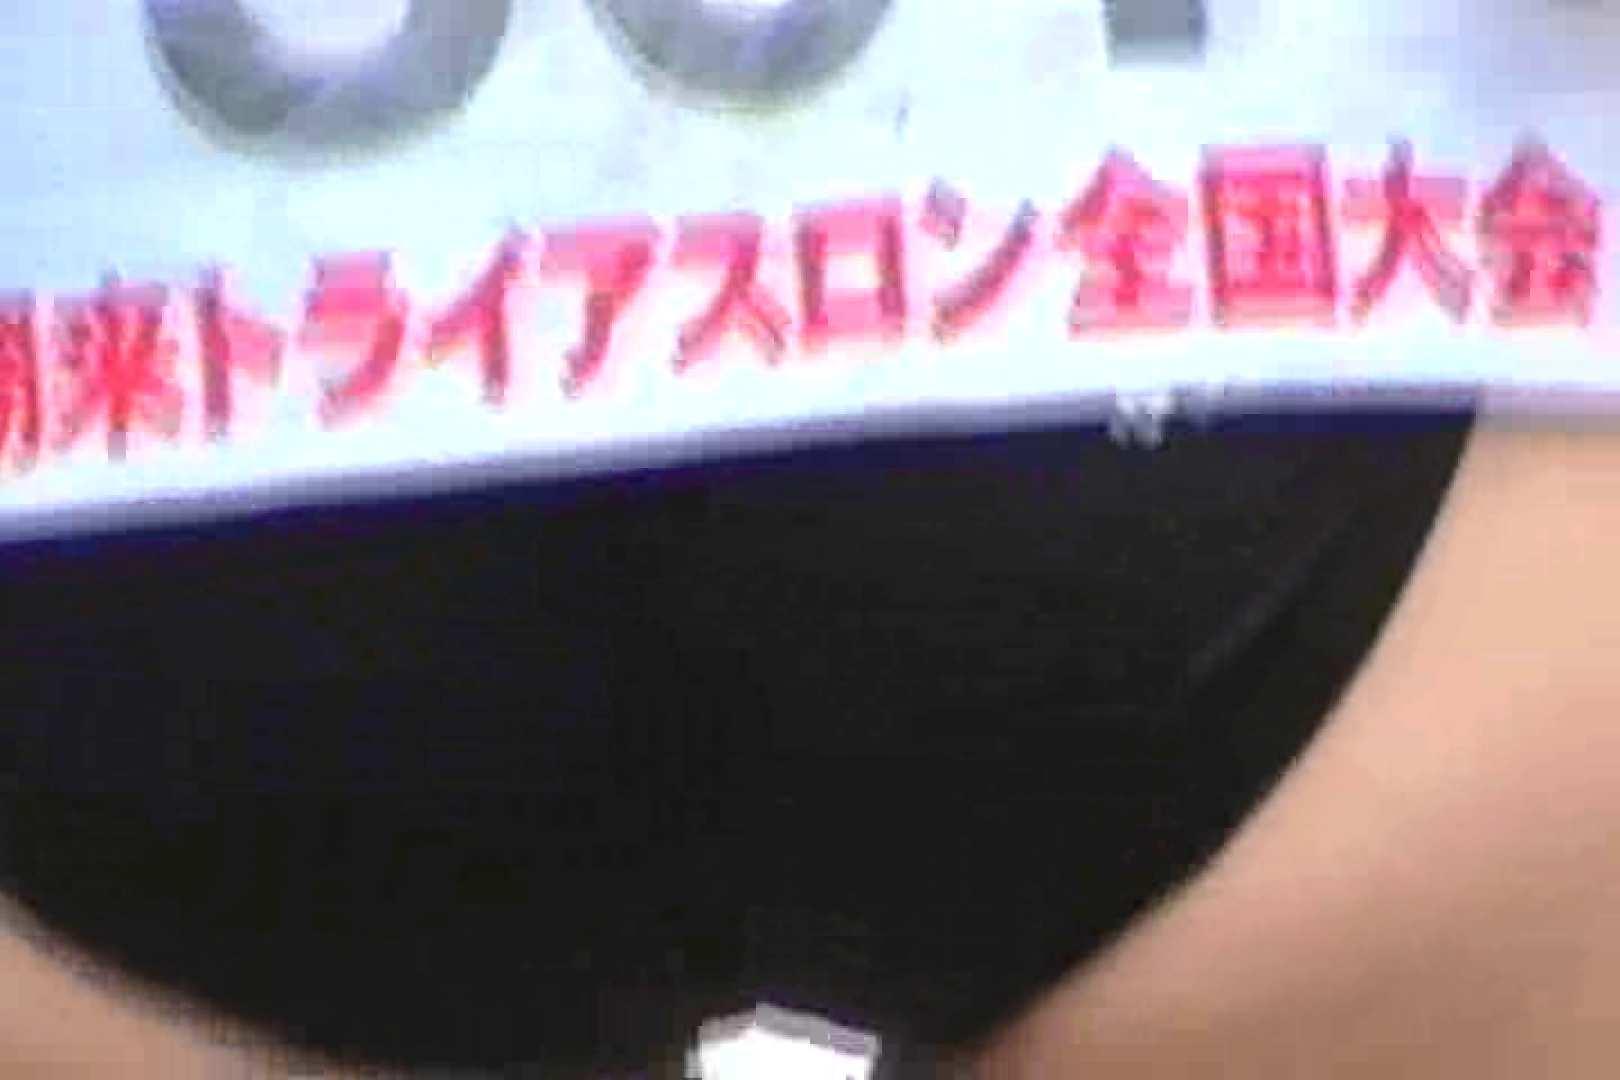 鉄人レース!!トライアスロンに挑む女性達!!Vol.1 アスリート ヌード画像 78PIX 67